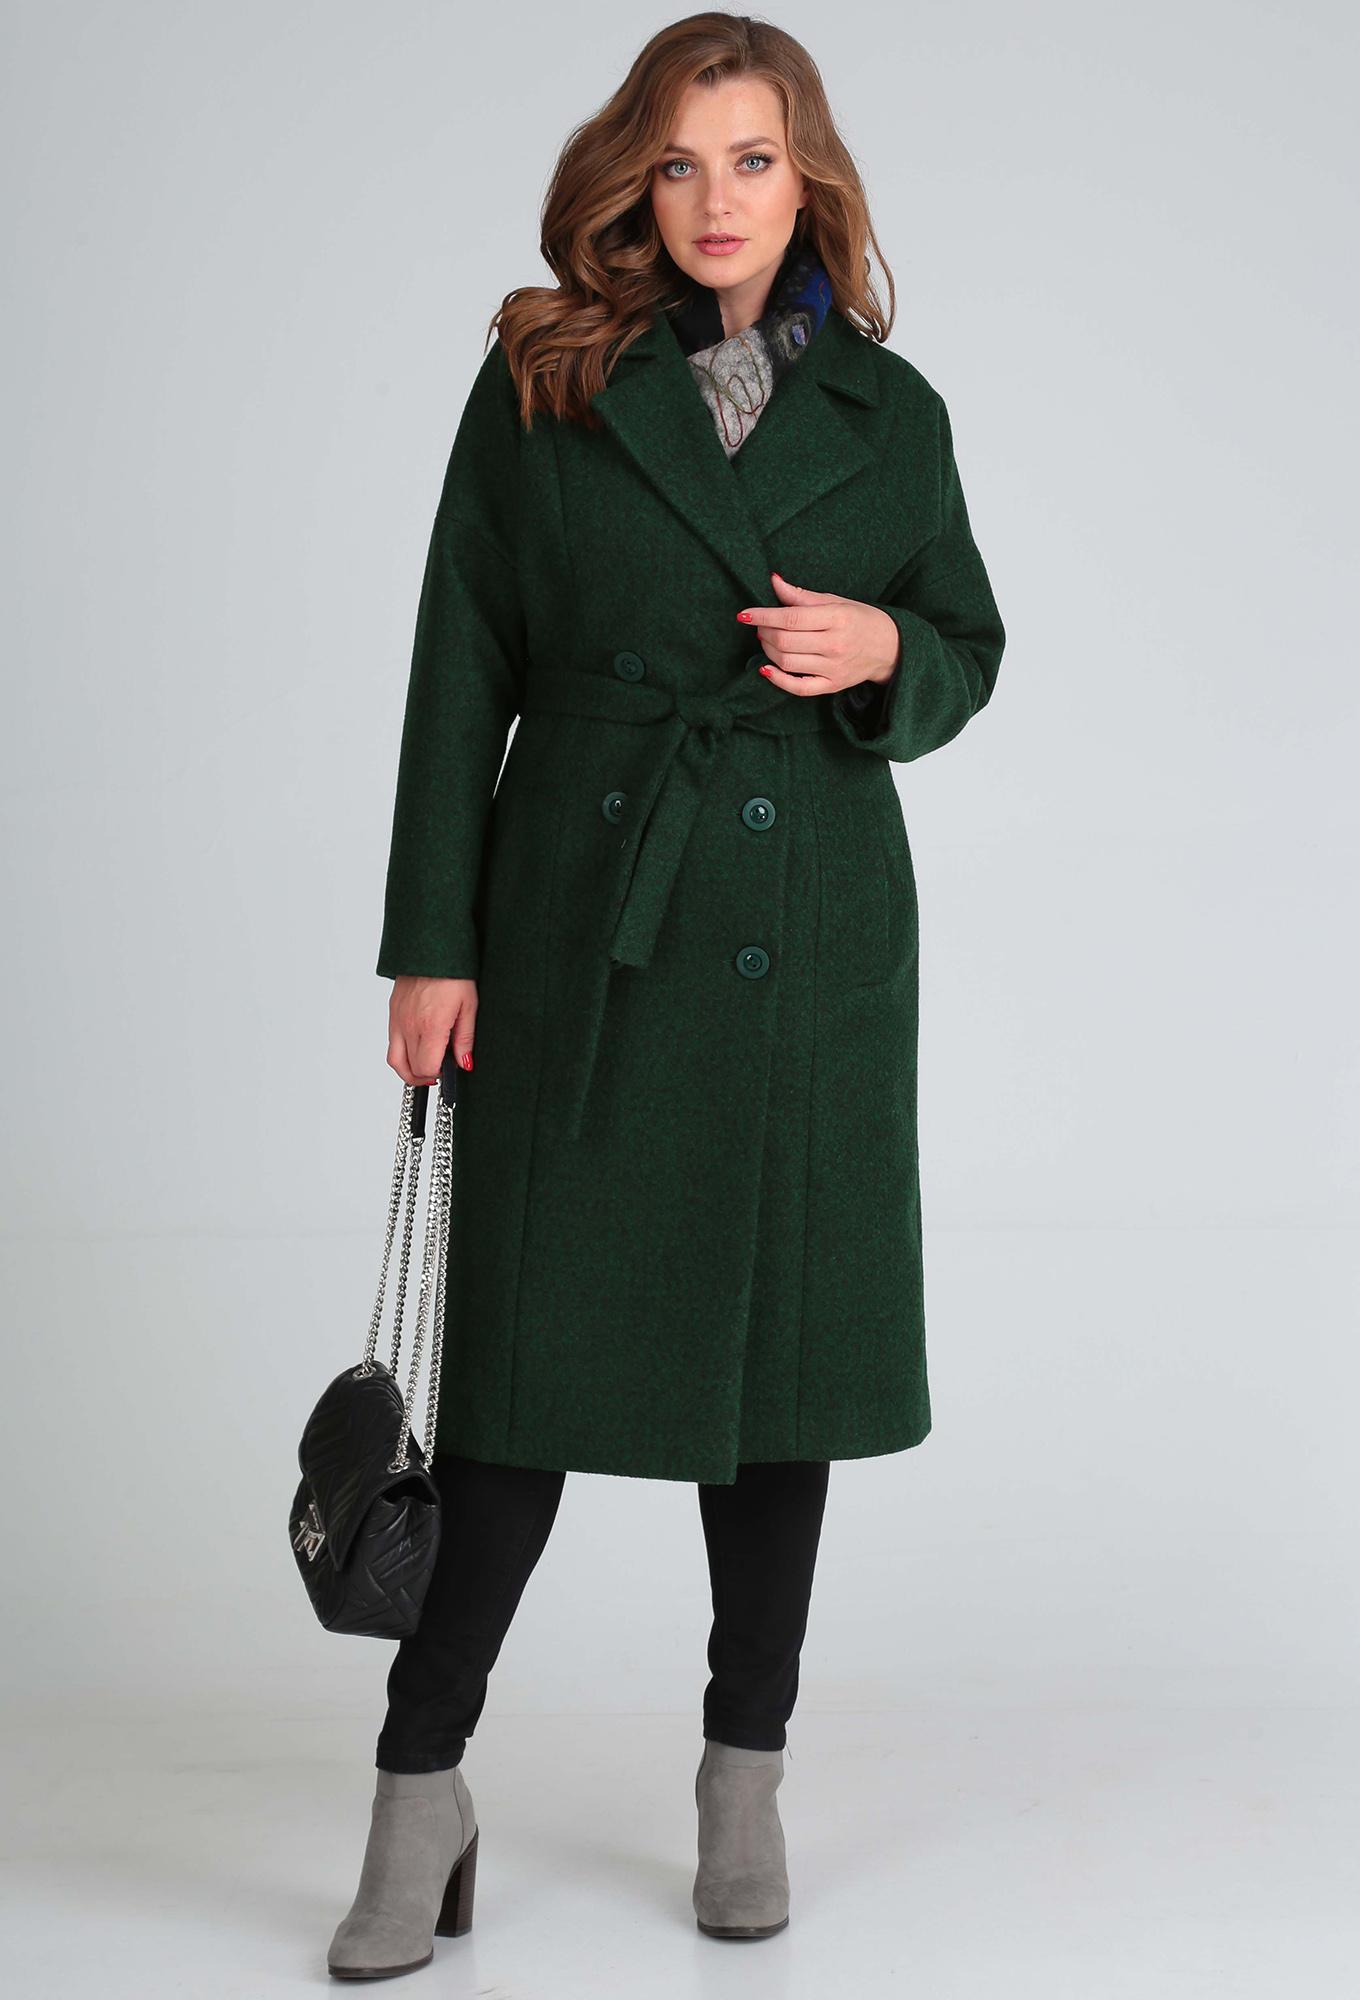 Пальто Anastasia Mak 638 зеленый